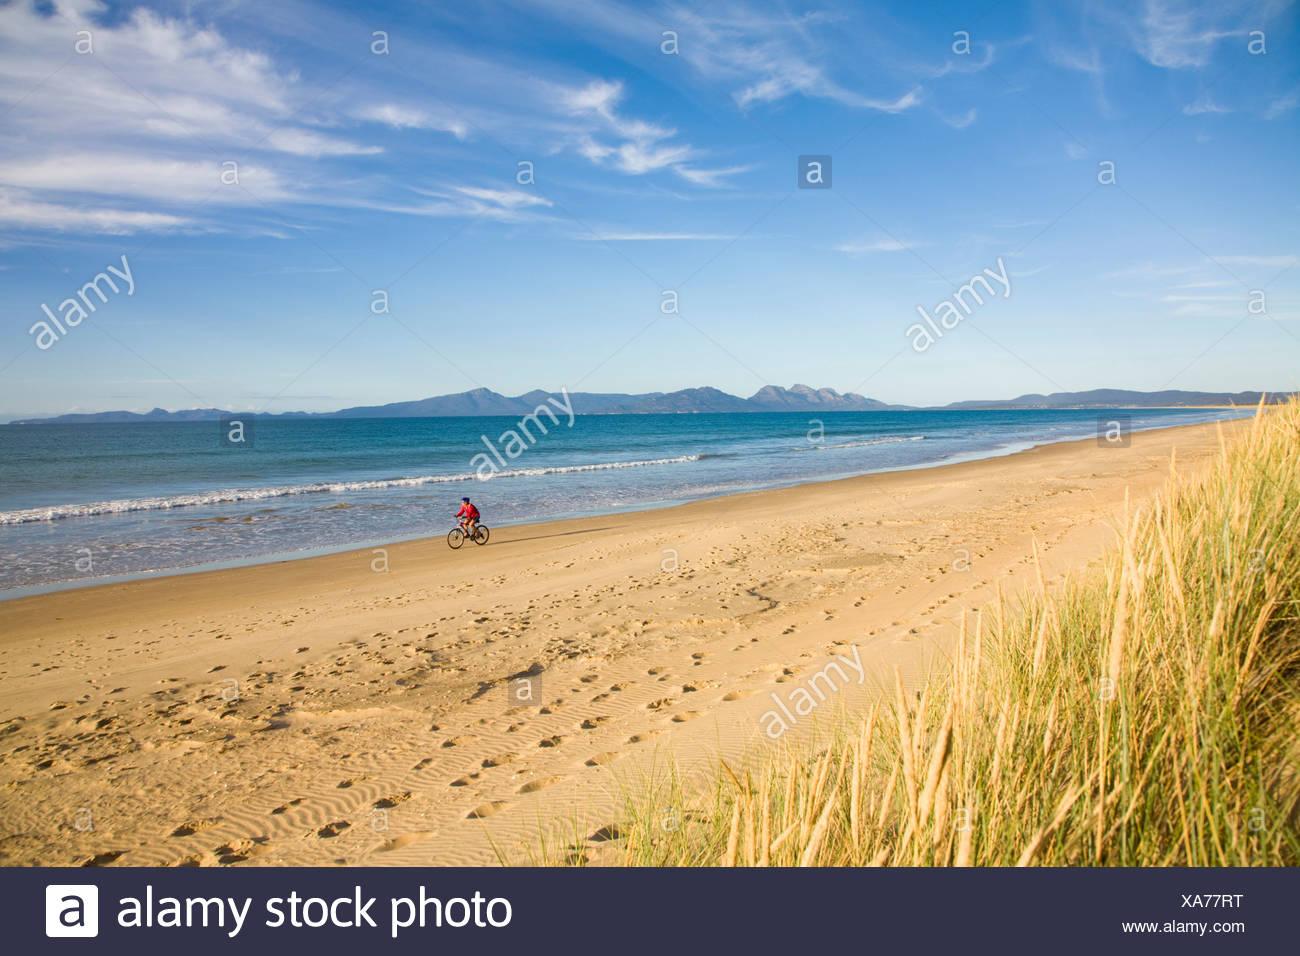 Une femme bénéficiant d'une promenade en vélo sur 9 Mile Beach sur la côte est de la Tasmanie, en Australie. Photo Stock